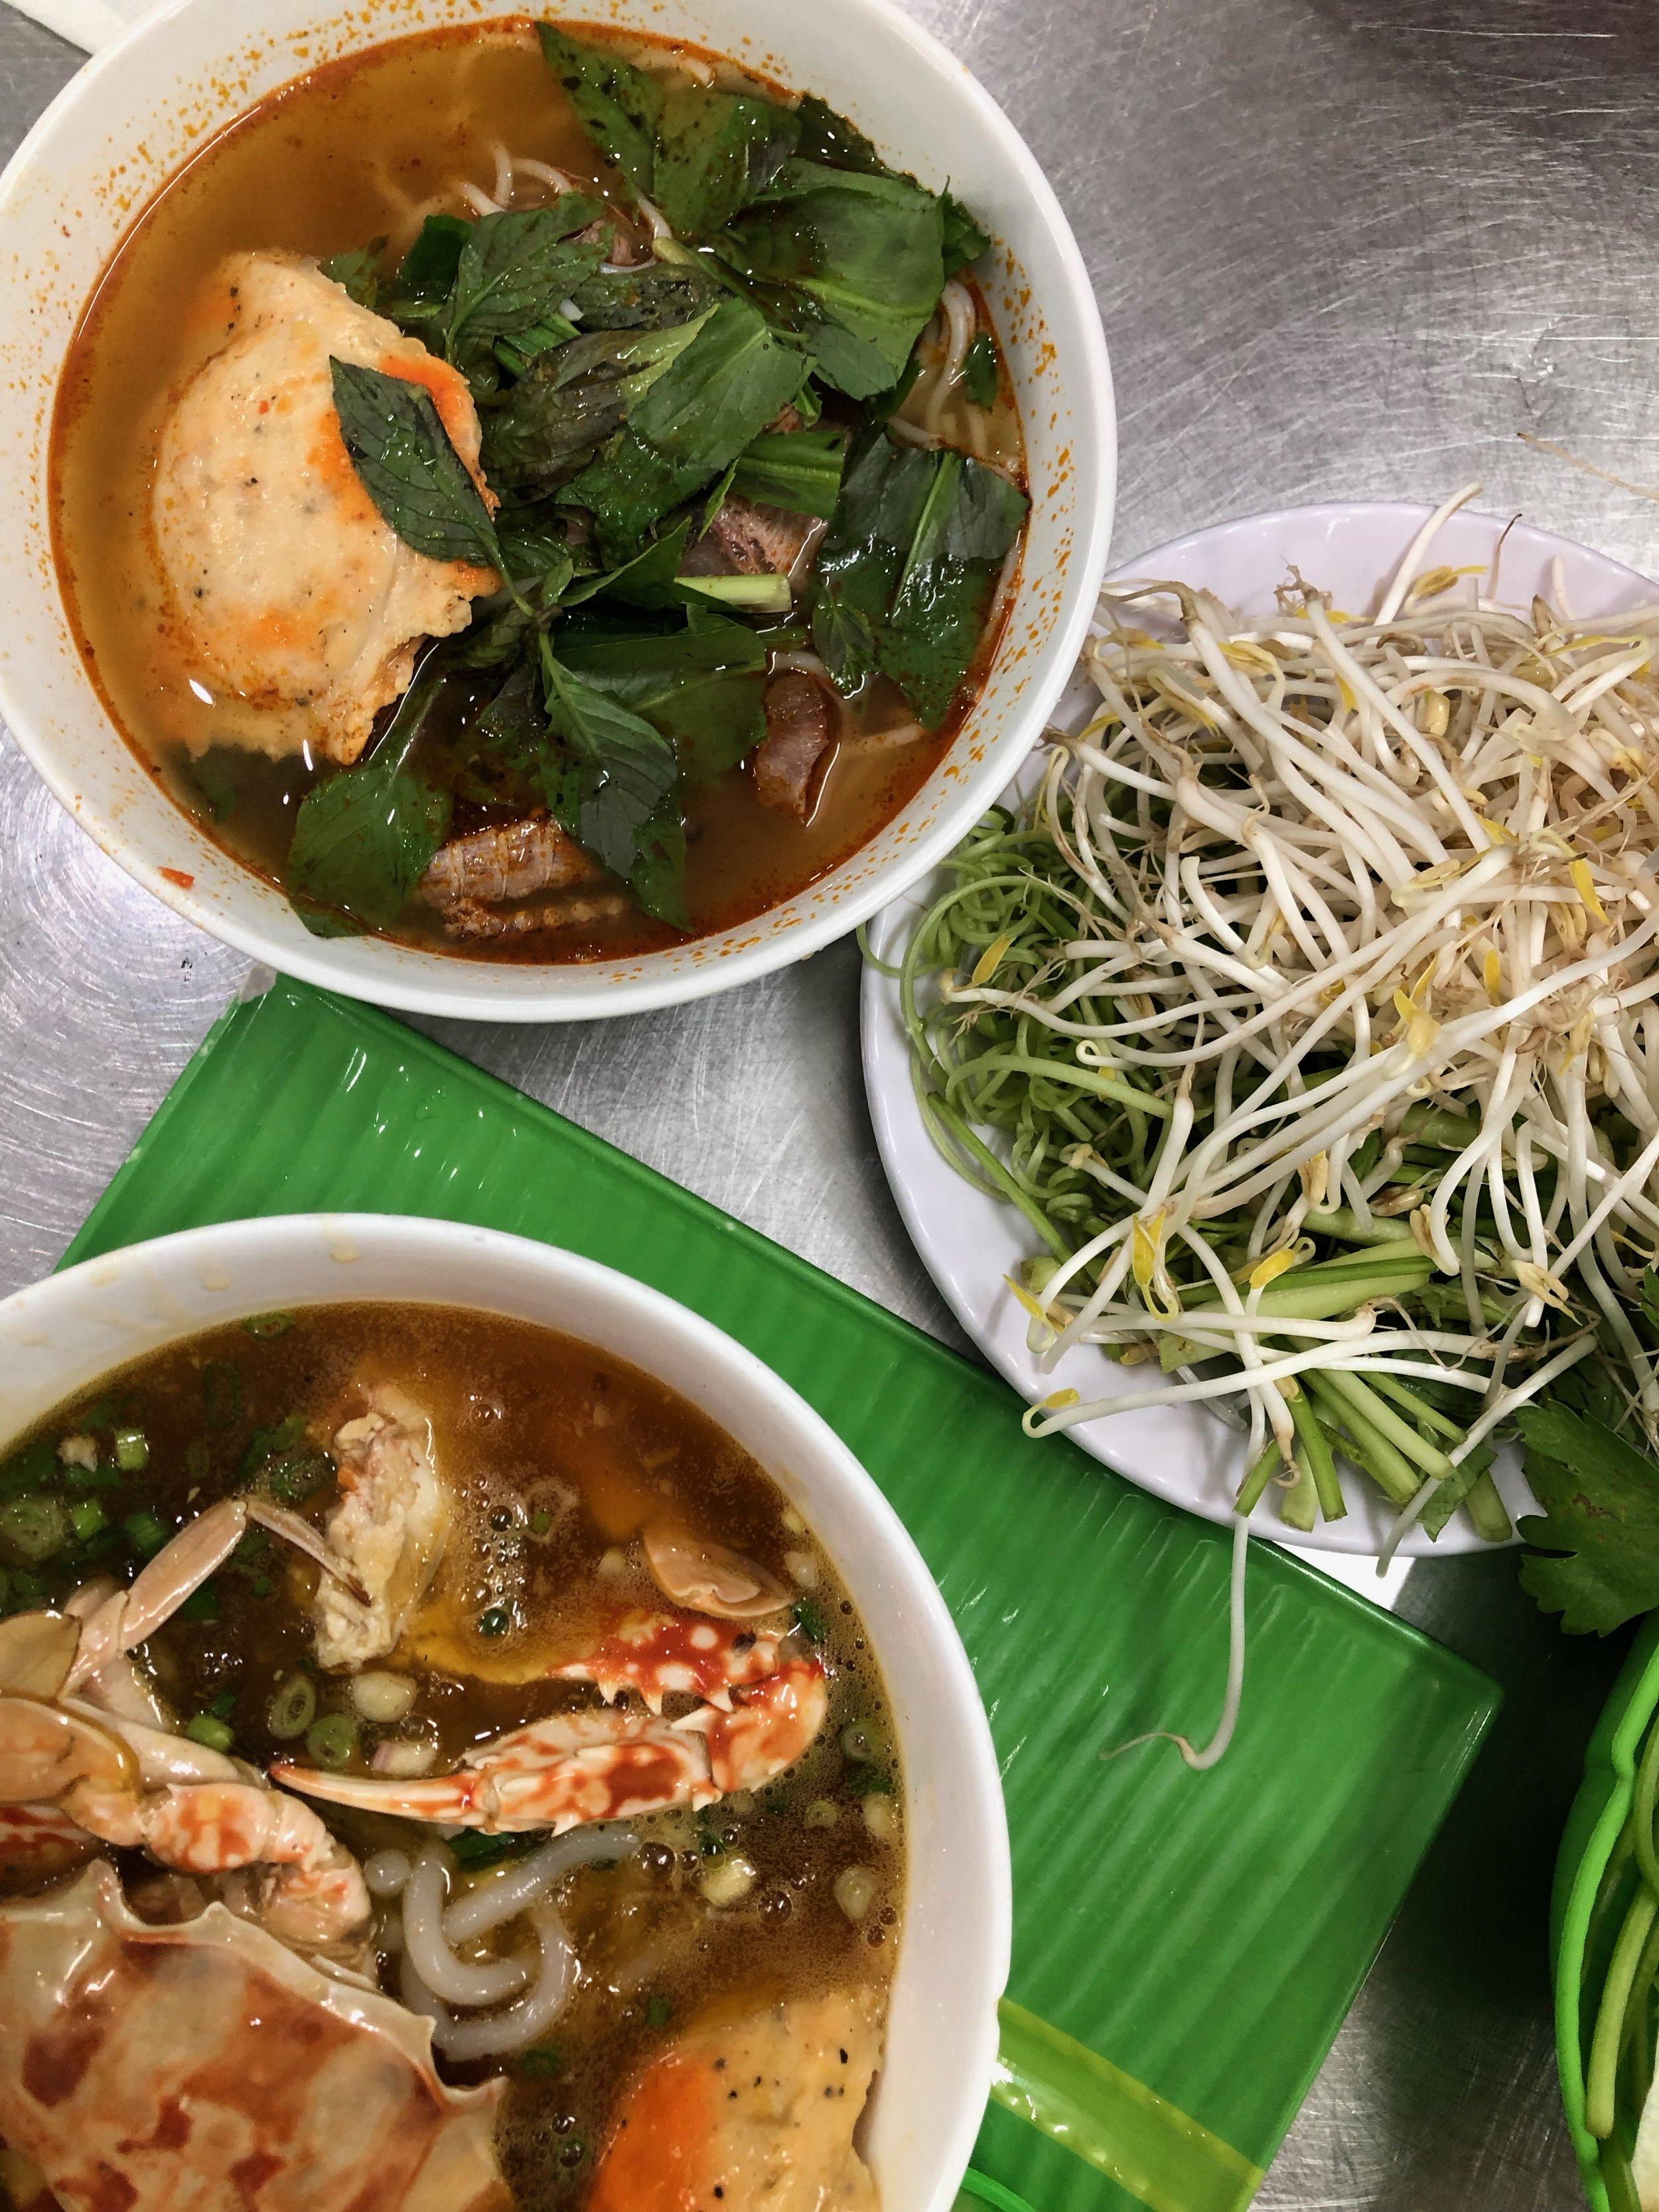 Bun thai and Banh canh ghe